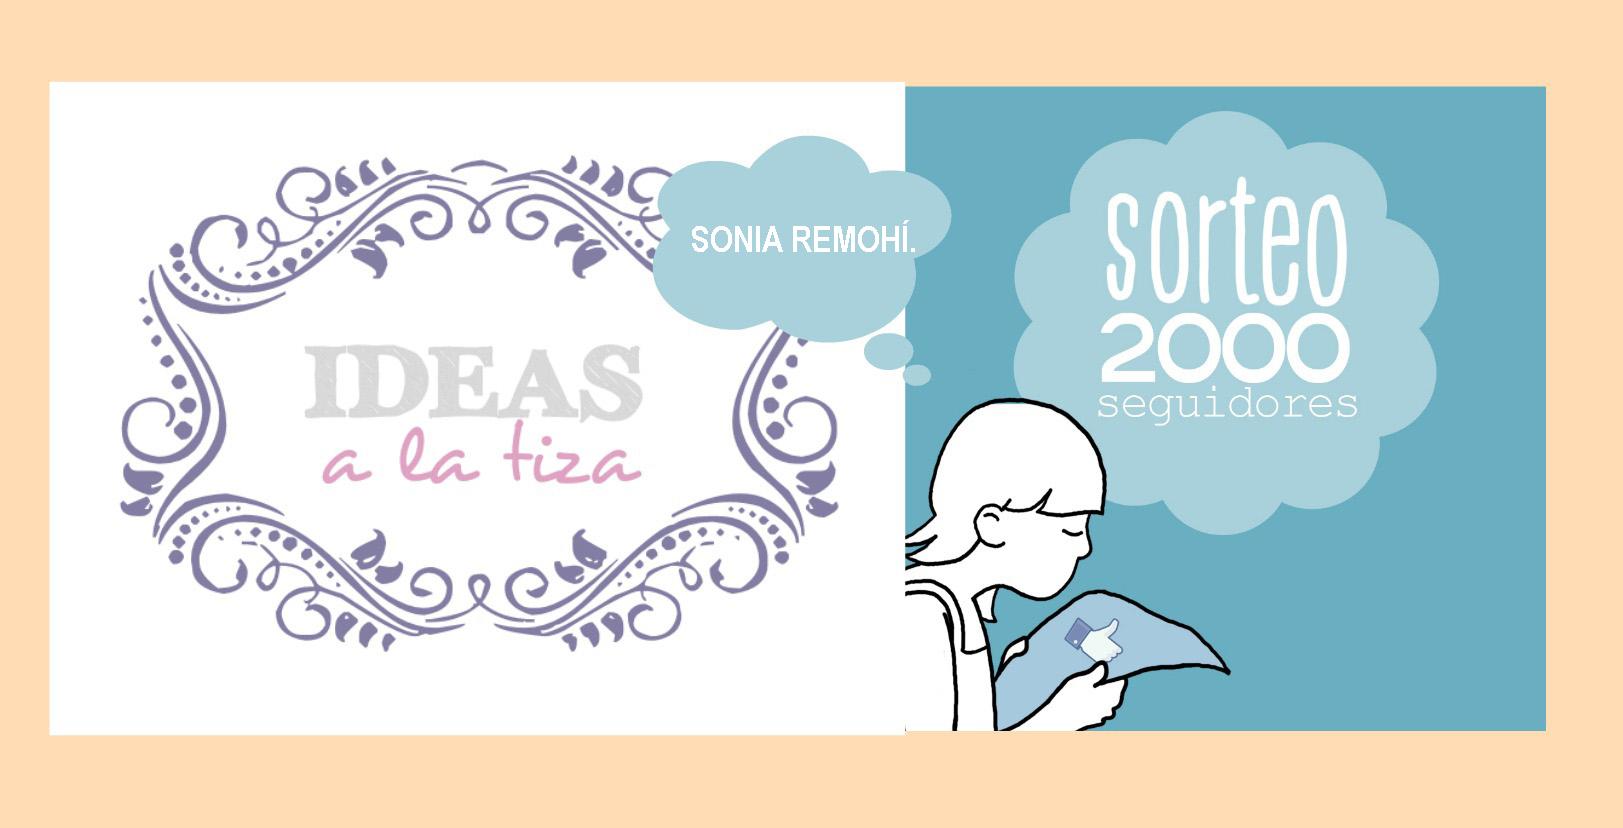 ganadora Ideas a la tiza copia